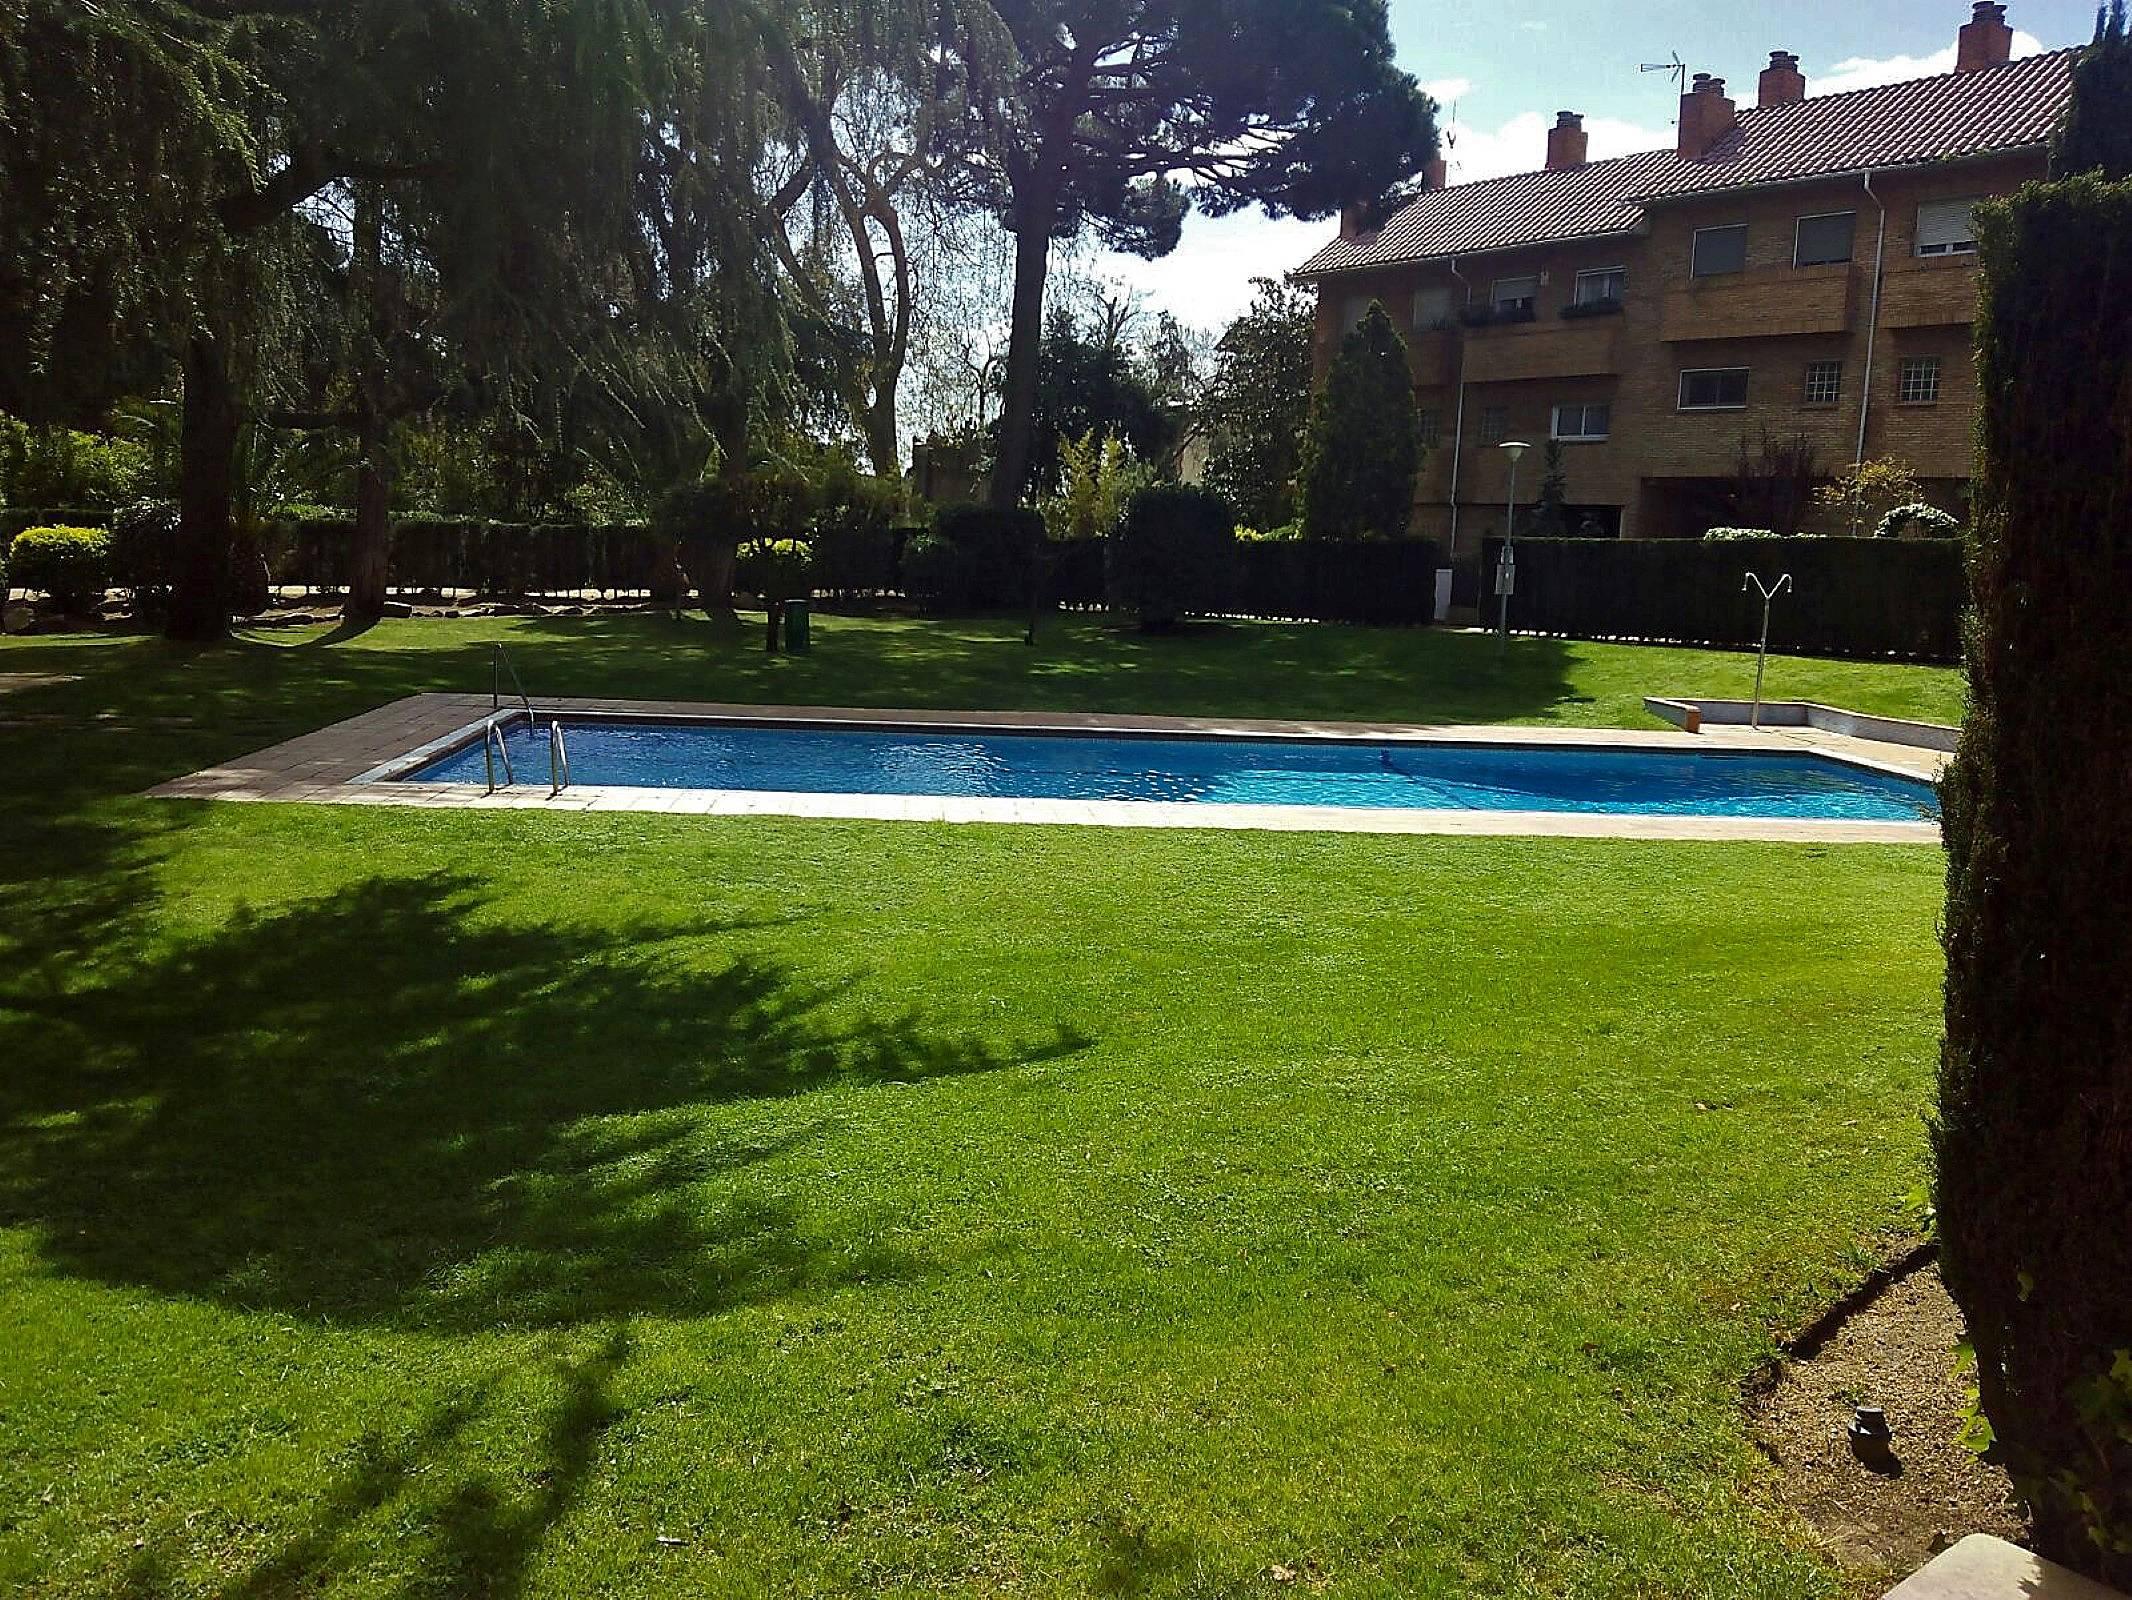 Casa en alquiler en catalu a sant vicen de montalt - Casas vacaciones cataluna ...